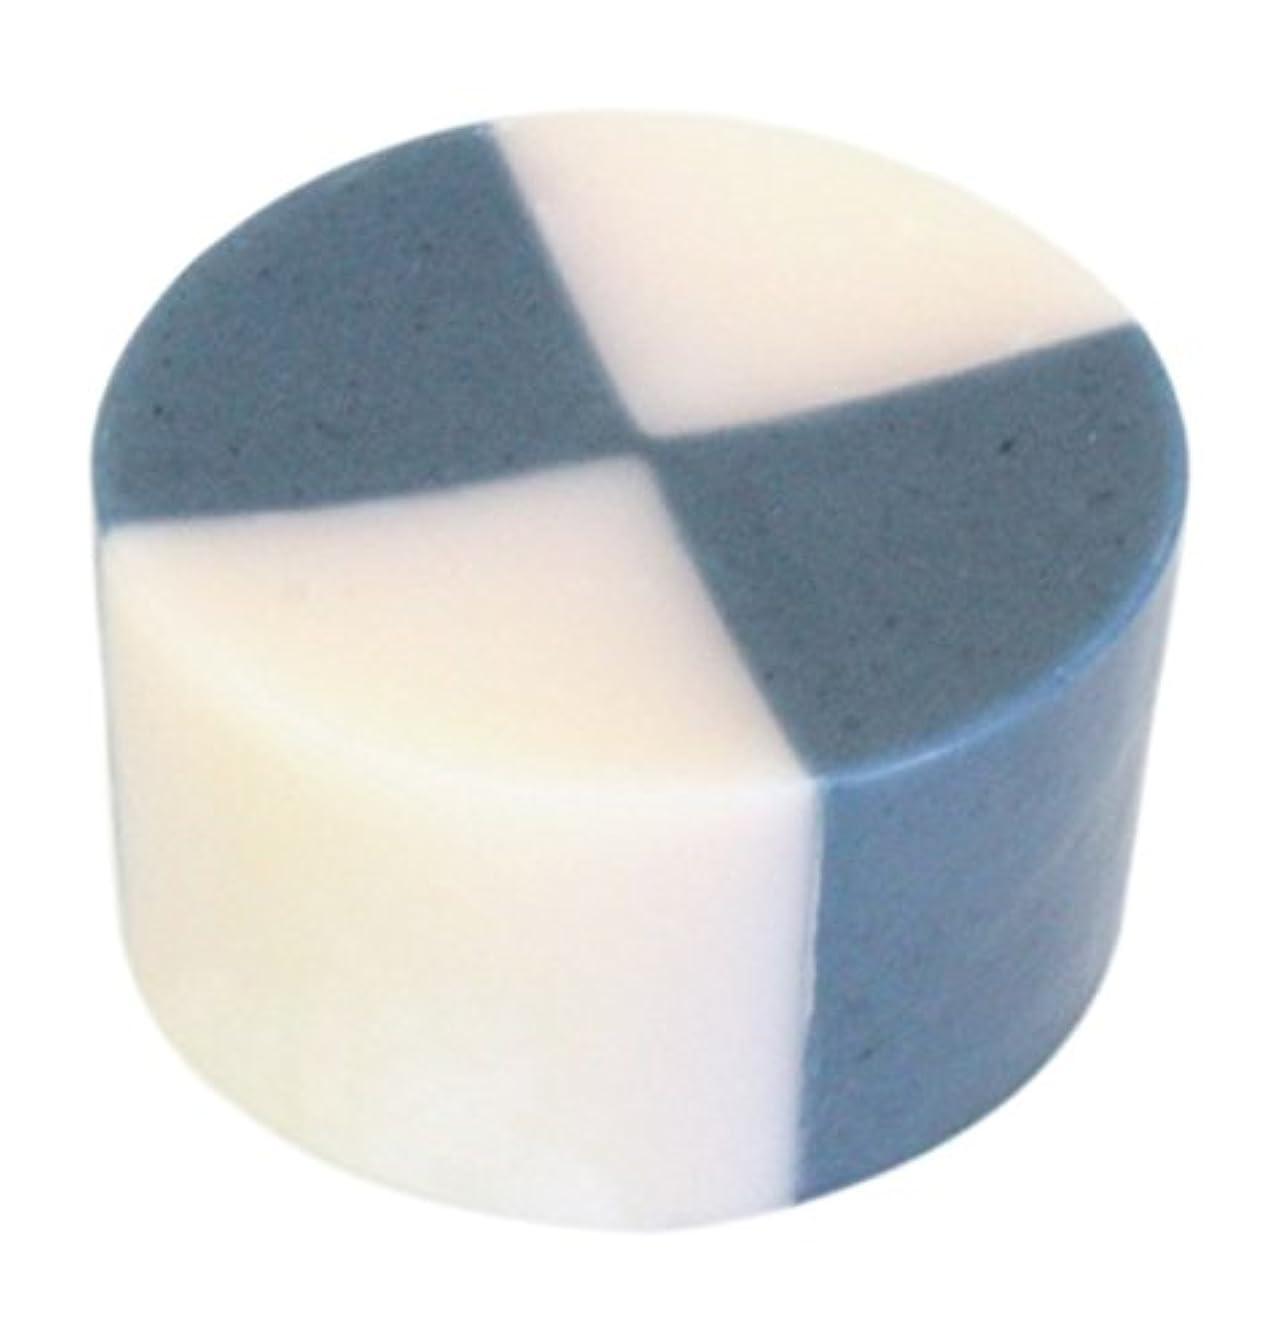 粘液メモ感じる藍色工房 藍染め石けん「いちまつ」(60g)